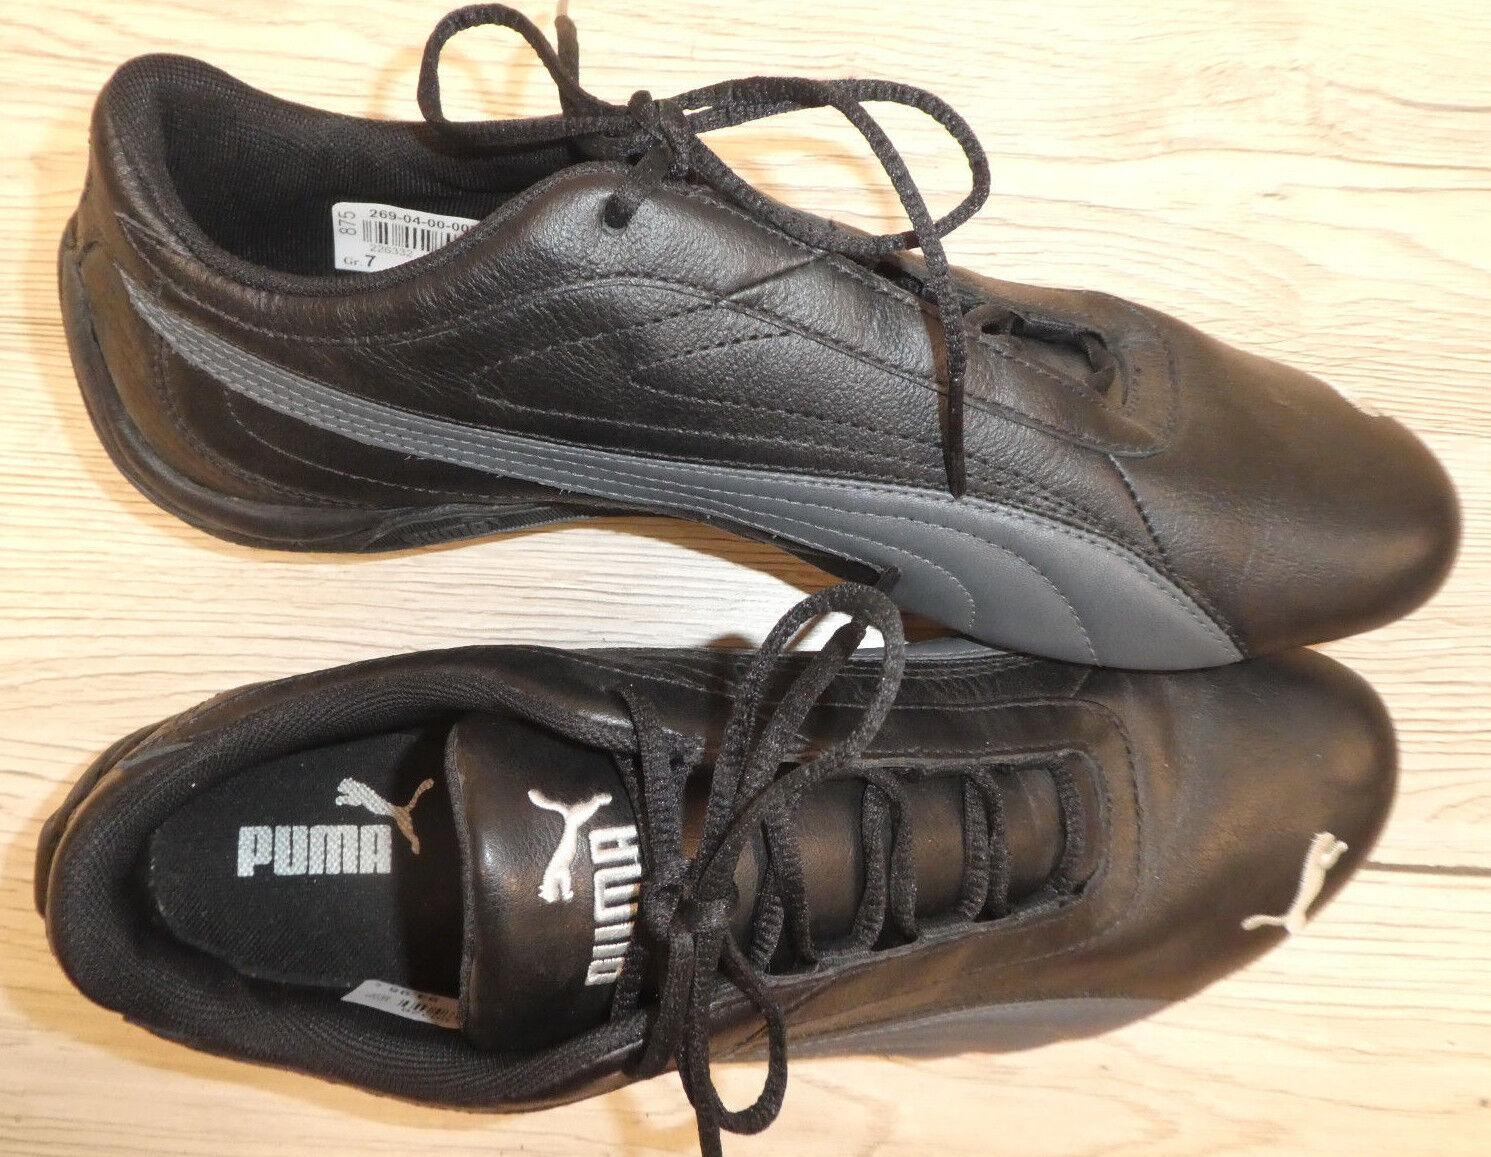 NEU    PUMA     Damen Leder-Mix Turnschuh Laufschuh Gr. 40,5 UK 7   schwarz + grau  | Haltbarer Service  2e4e10